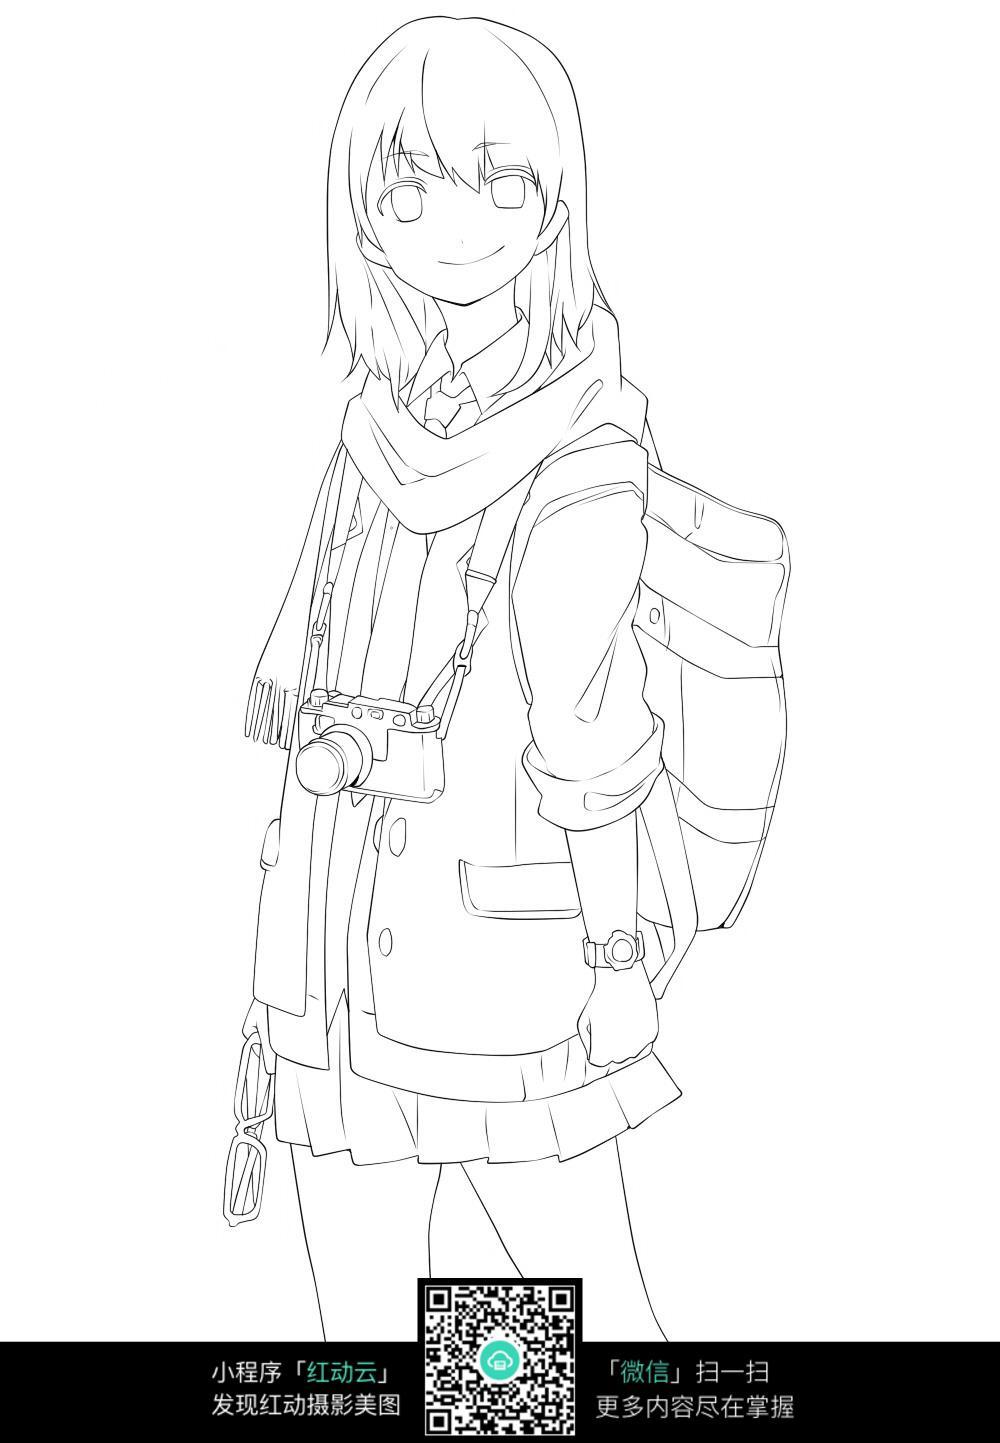 人物线绘图 人物素描图 少女 女生 女孩 卡通人物 背包 相机  漫画